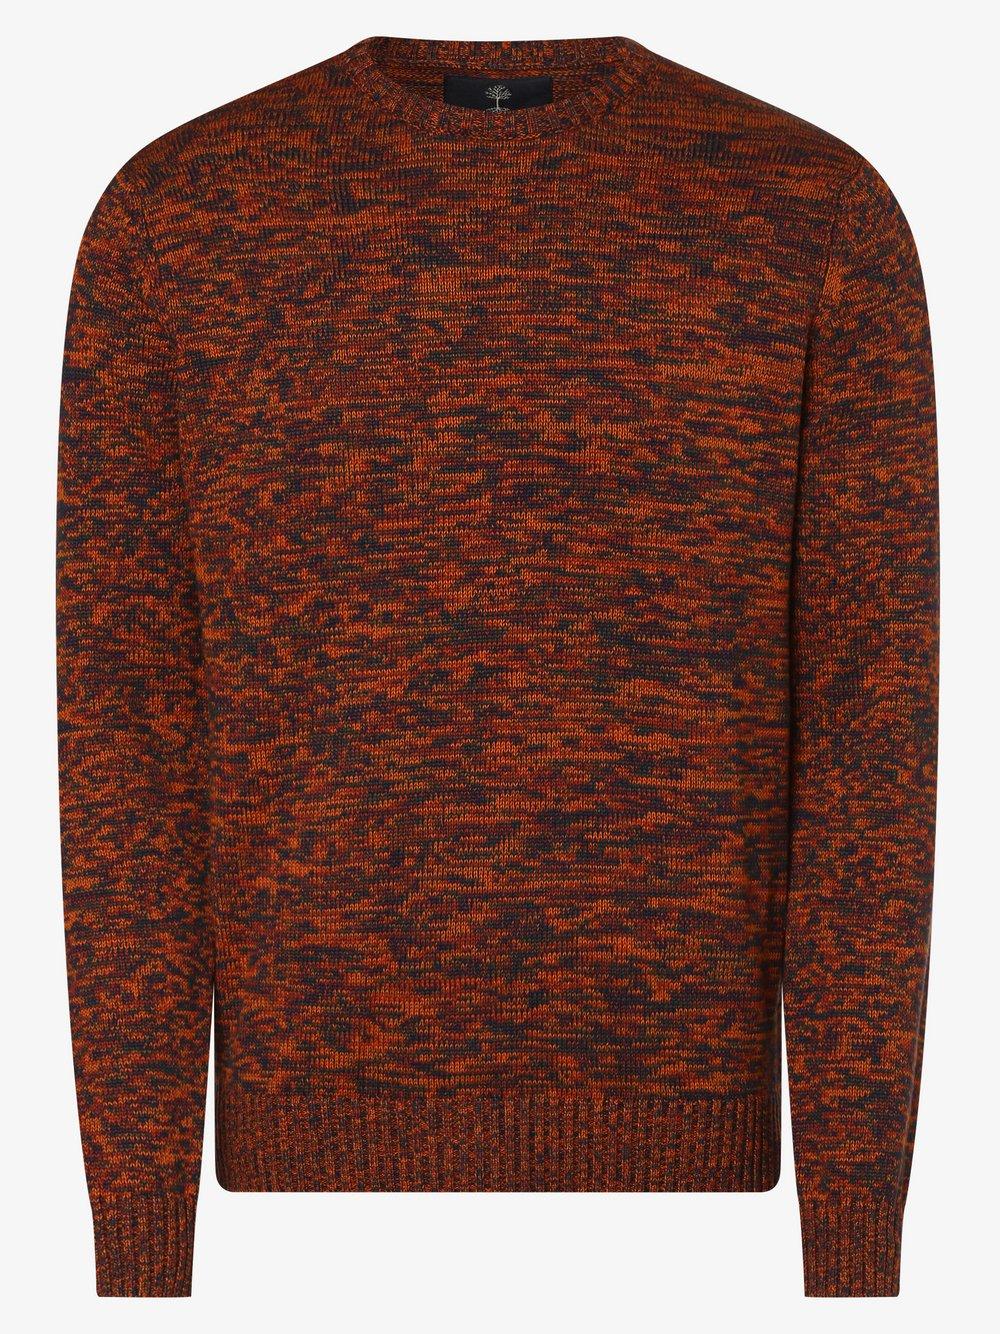 nerve – Sweter męski – NEGrayson, szary Van Graaf 477816-0001-09900